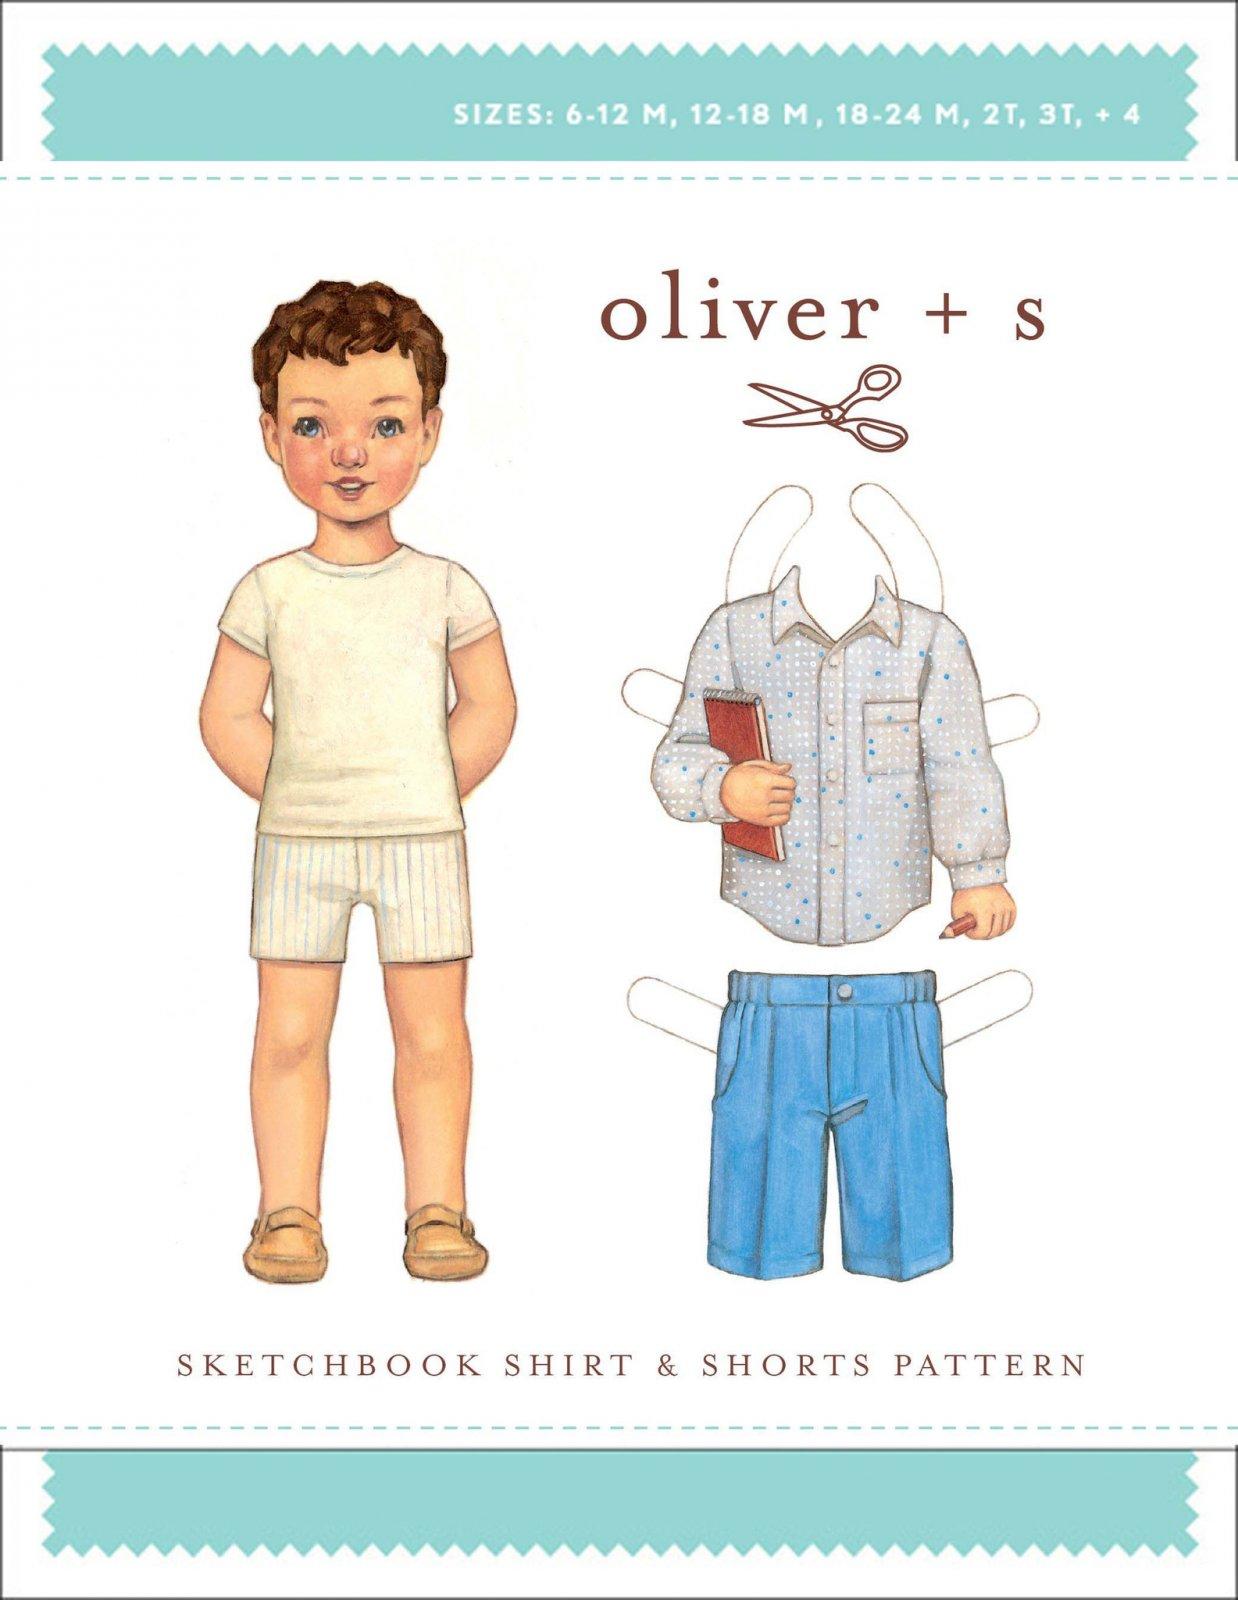 Sketchbook Shirt & Shorts Pattern by Oliver + S